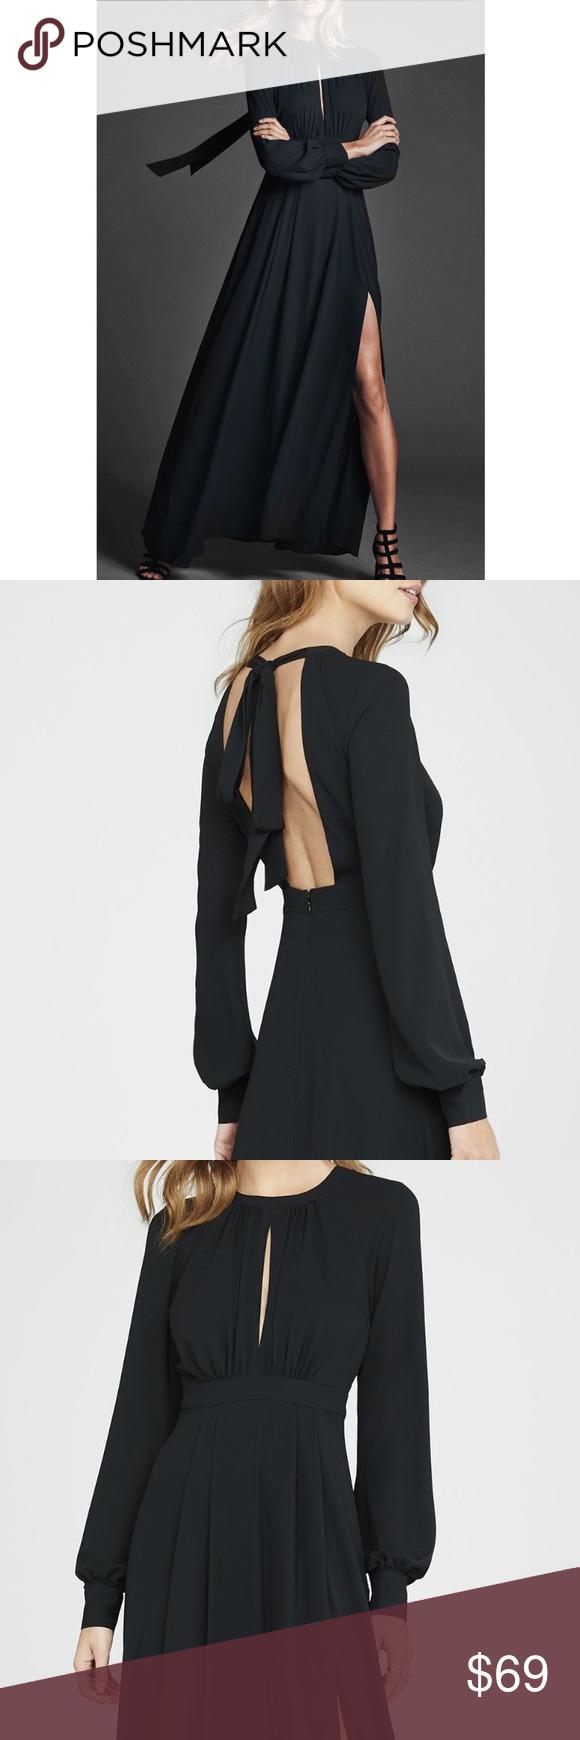 Open back maxi dress maxi dresses express dresses and colour black